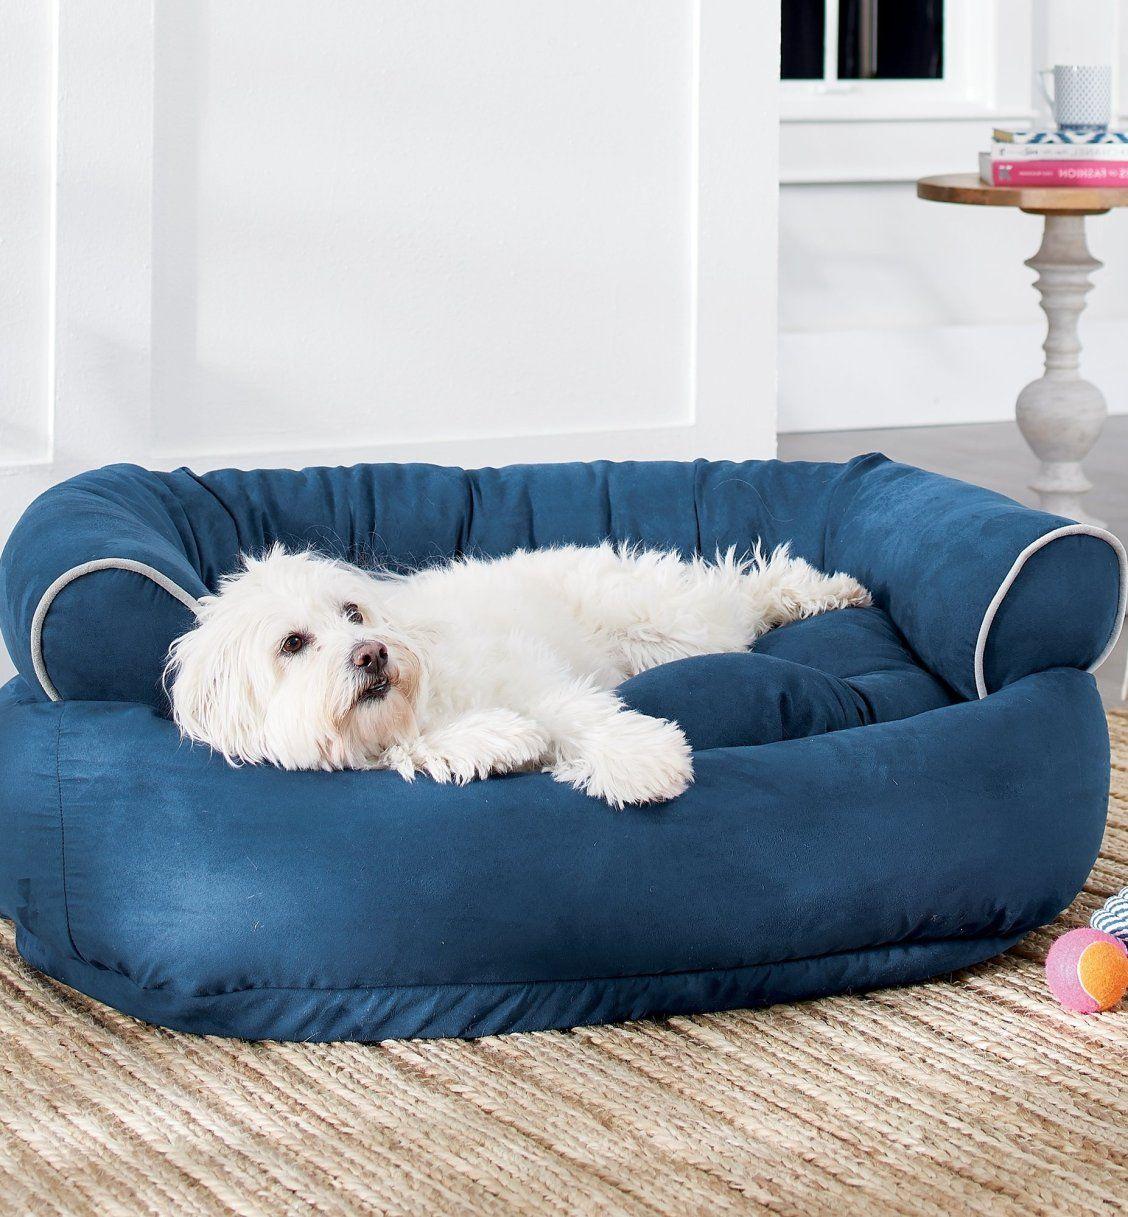 Sofa Dog Bed Dog Sofa Bed Clean Sofa Pet Beds